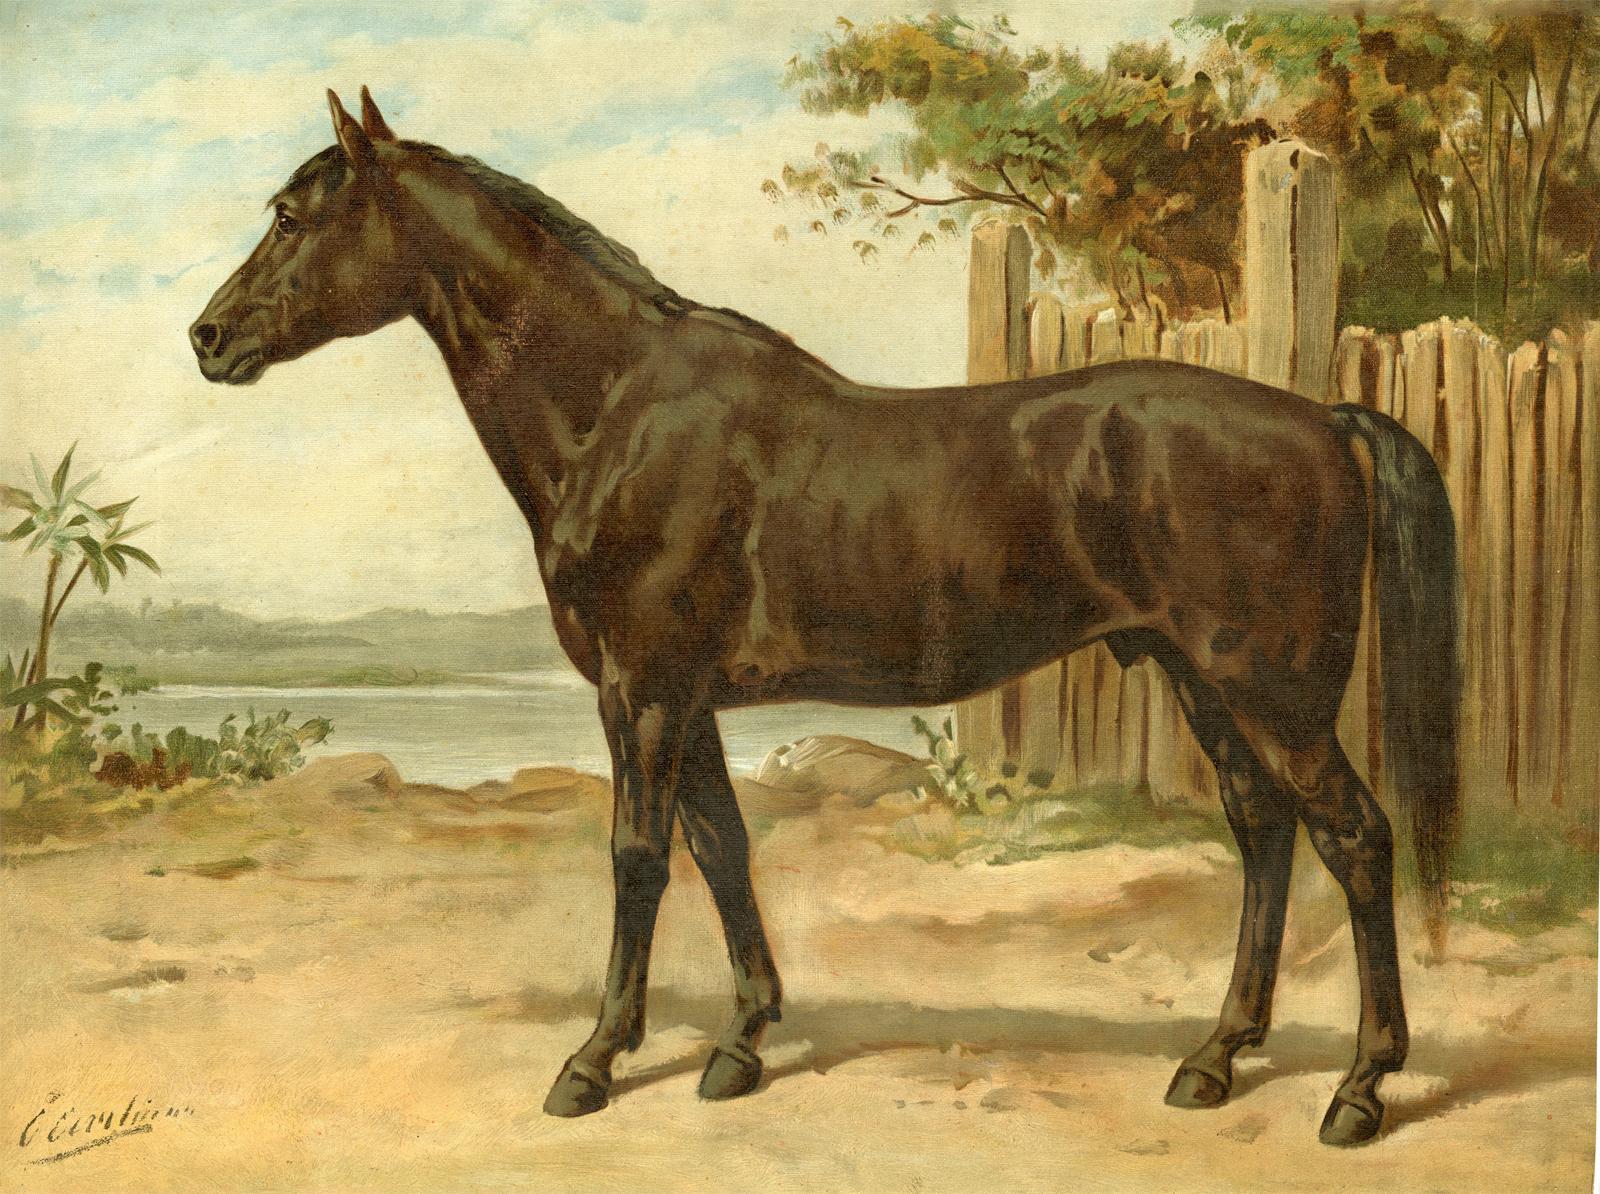 Horse Breeds Australian Horse Paard After Eerelman C 1898 1898 Kunst Nbsp Nbsp Grafik Nbsp Nbsp Poster Pictura Prints Art Books